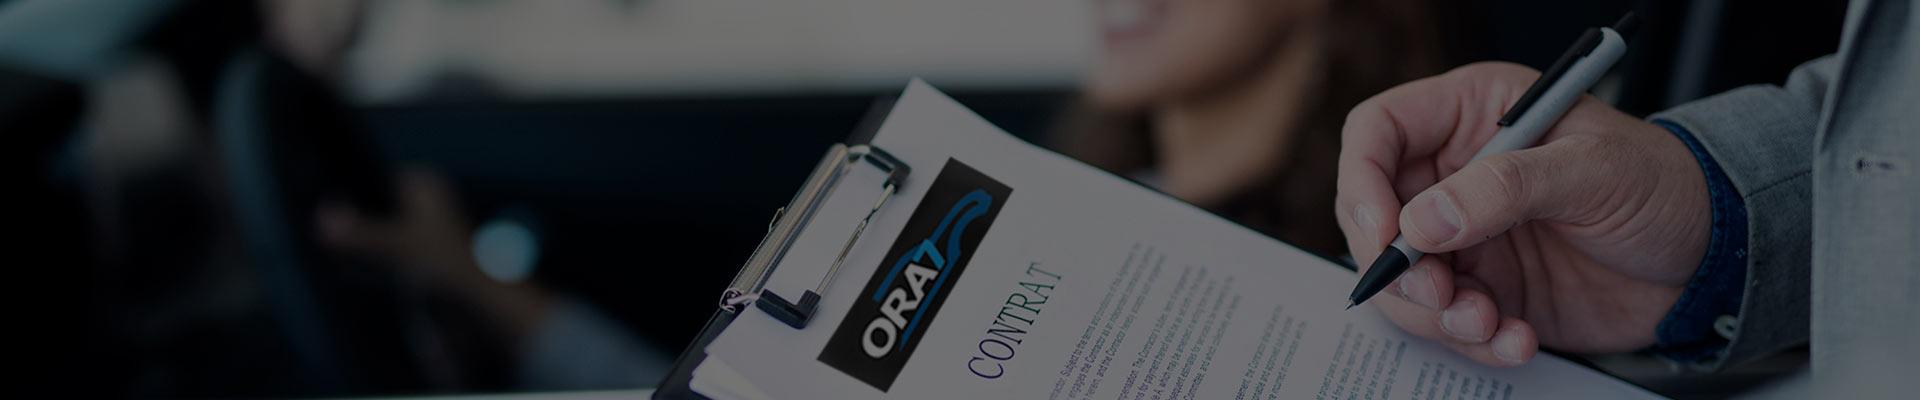 La garantie des véhicules disponibles par ORA7